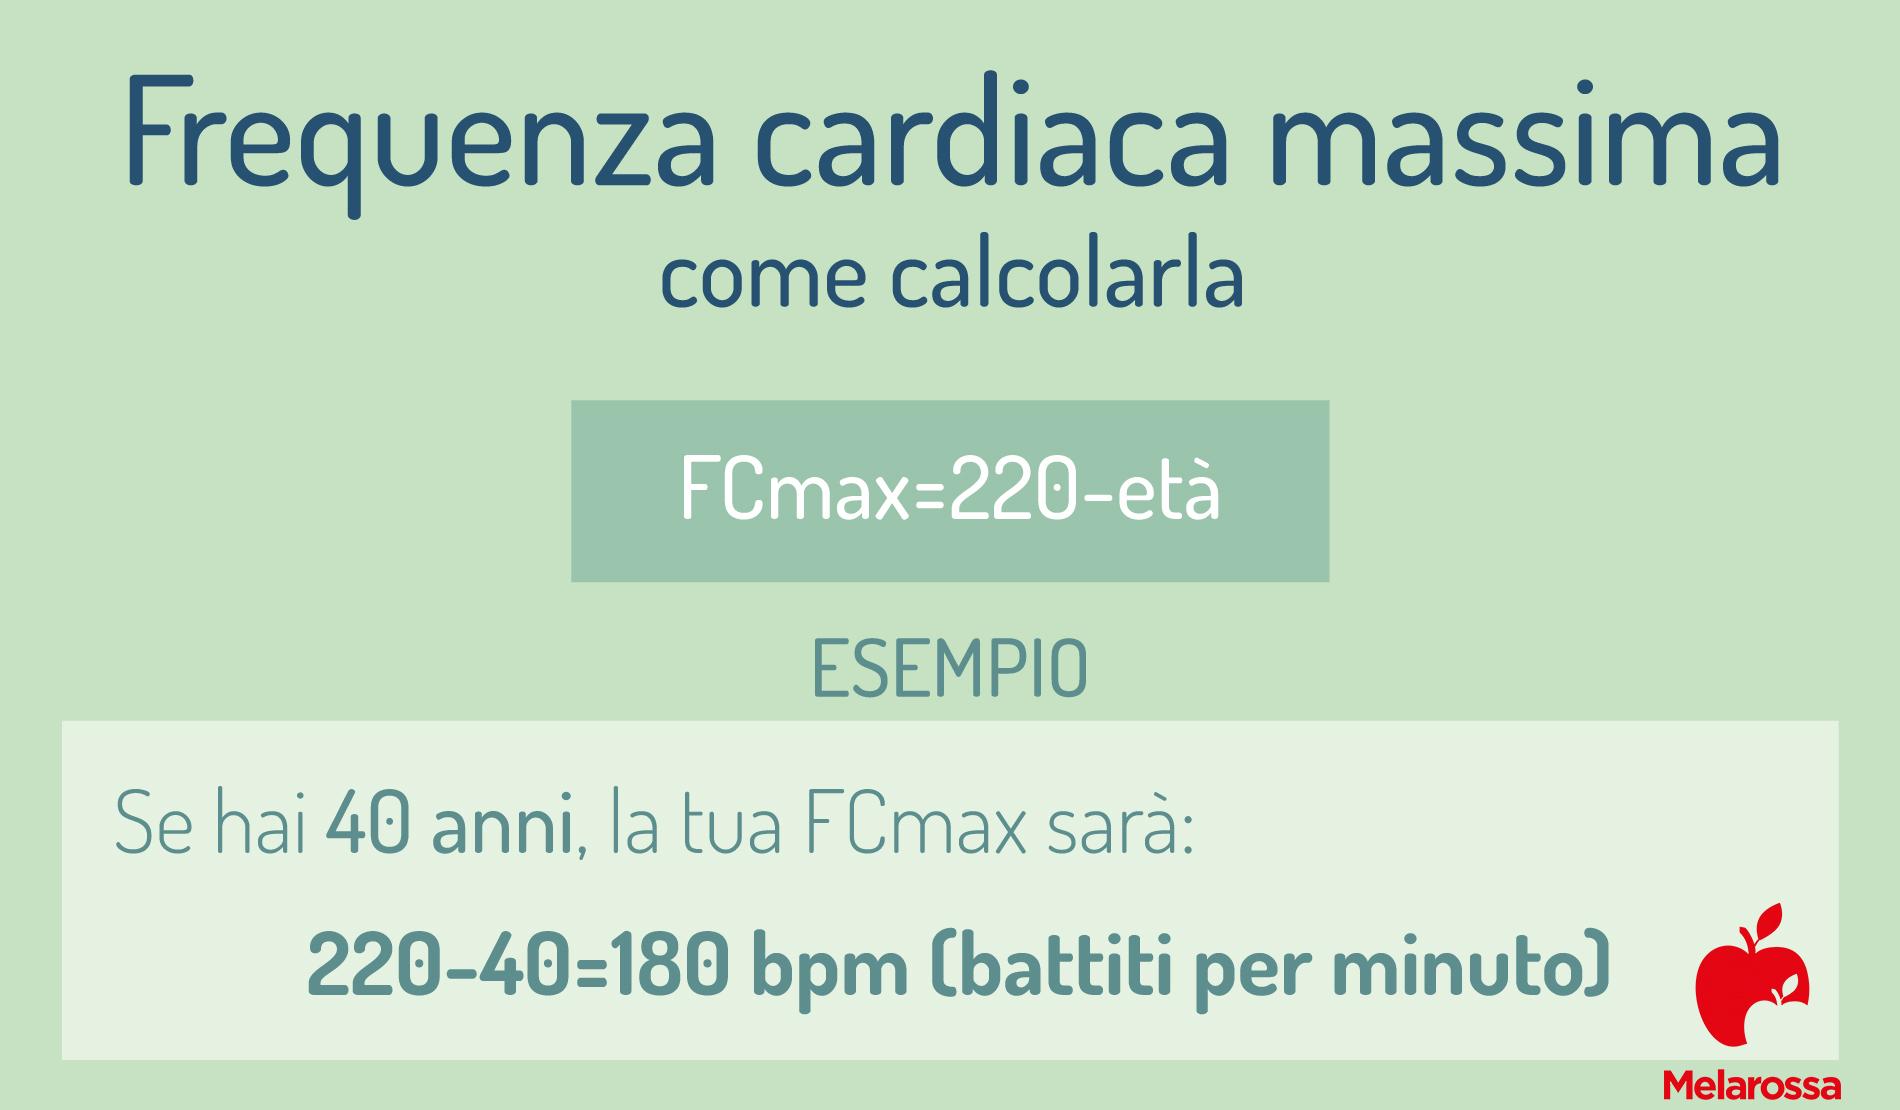 skip: calcolare la frequenza cardiaca massima